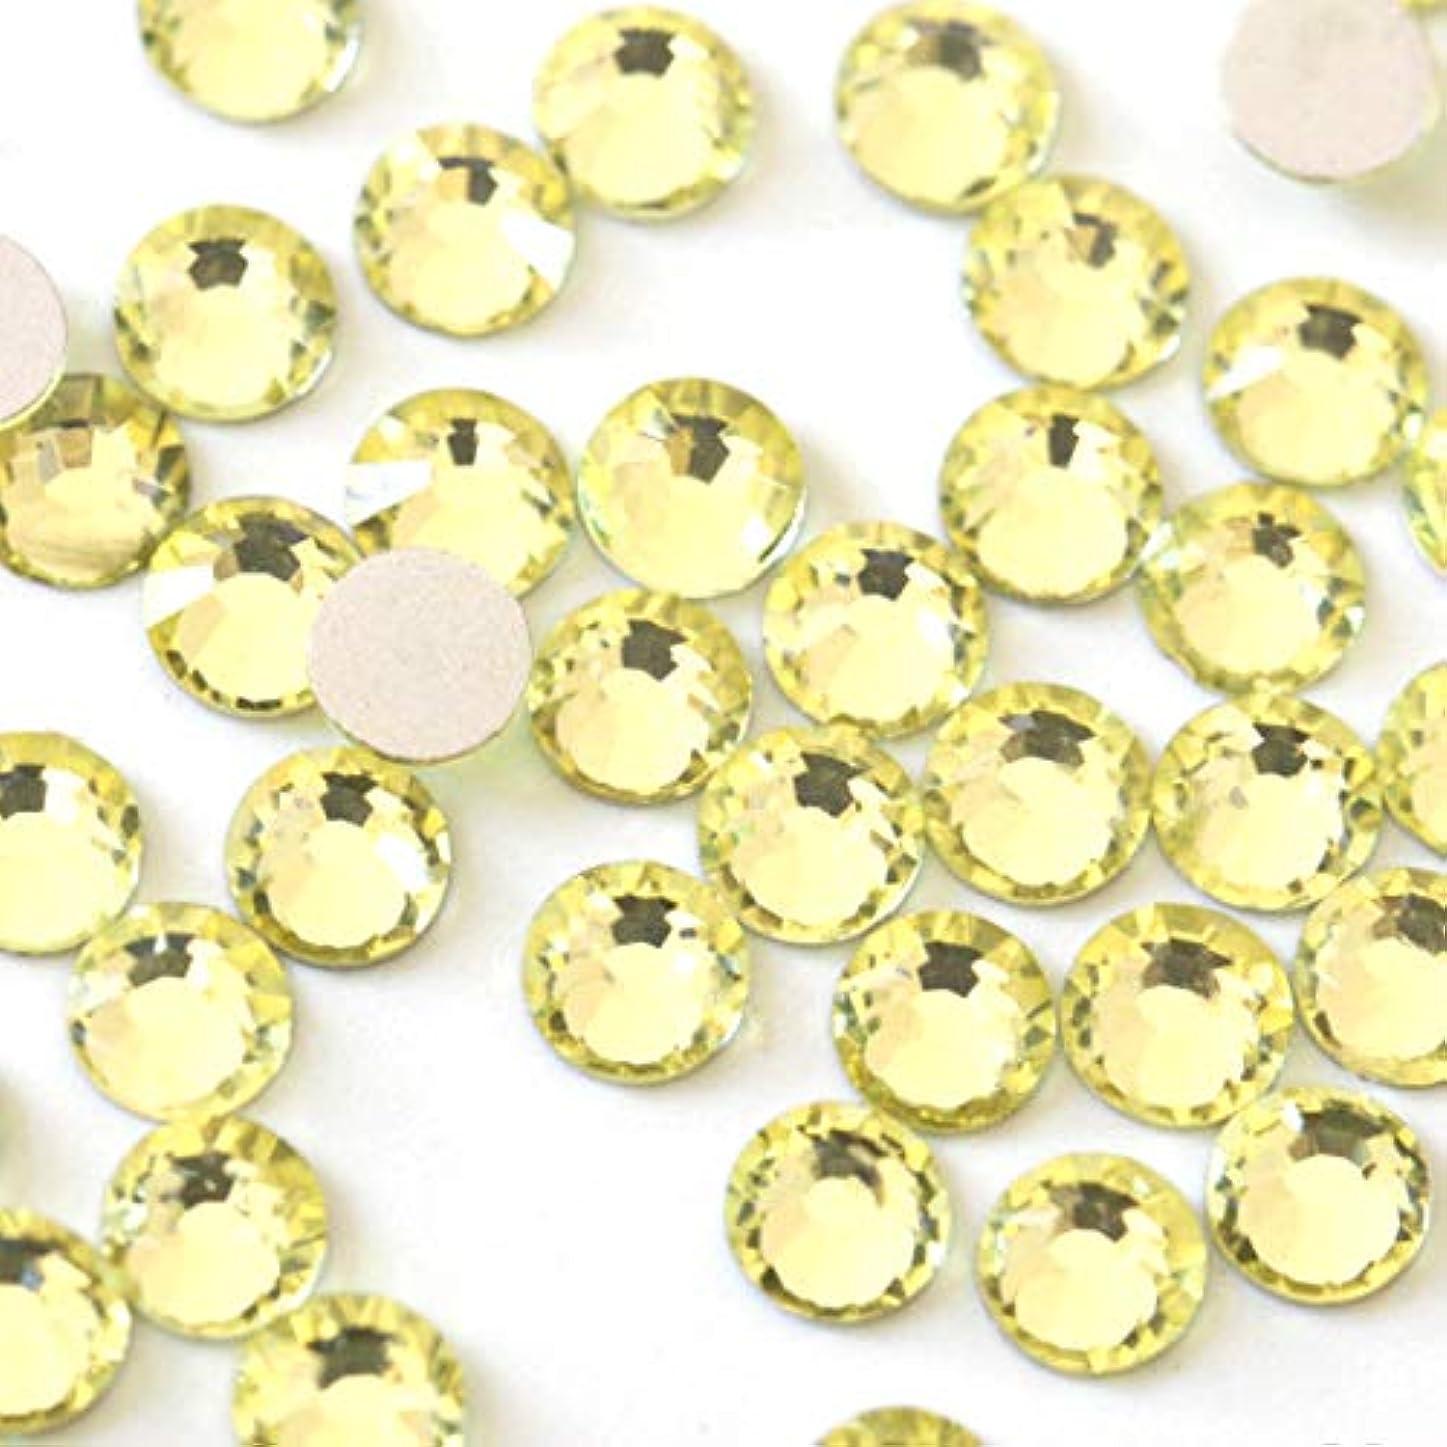 罹患率冗談で最初【ラインストーン77】 超高級 ガラス製ラインストーン SS3~SS30 ジョンキル スワロフスキー同等 (1.3mm (SS3) 約200粒)